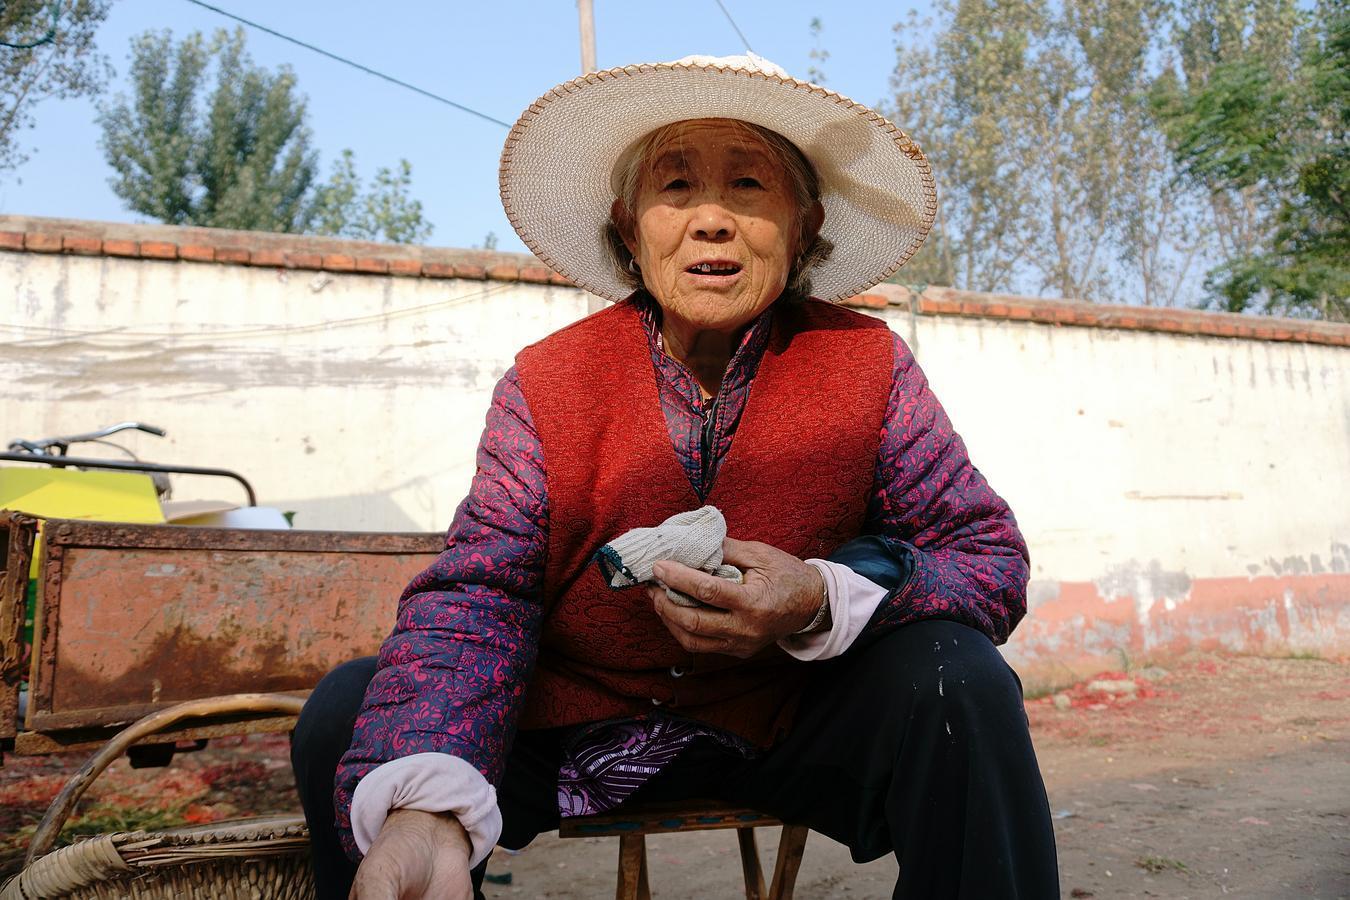 不容易,大集上8旬老人卖水果每天挣20元,为啥不敢说价格